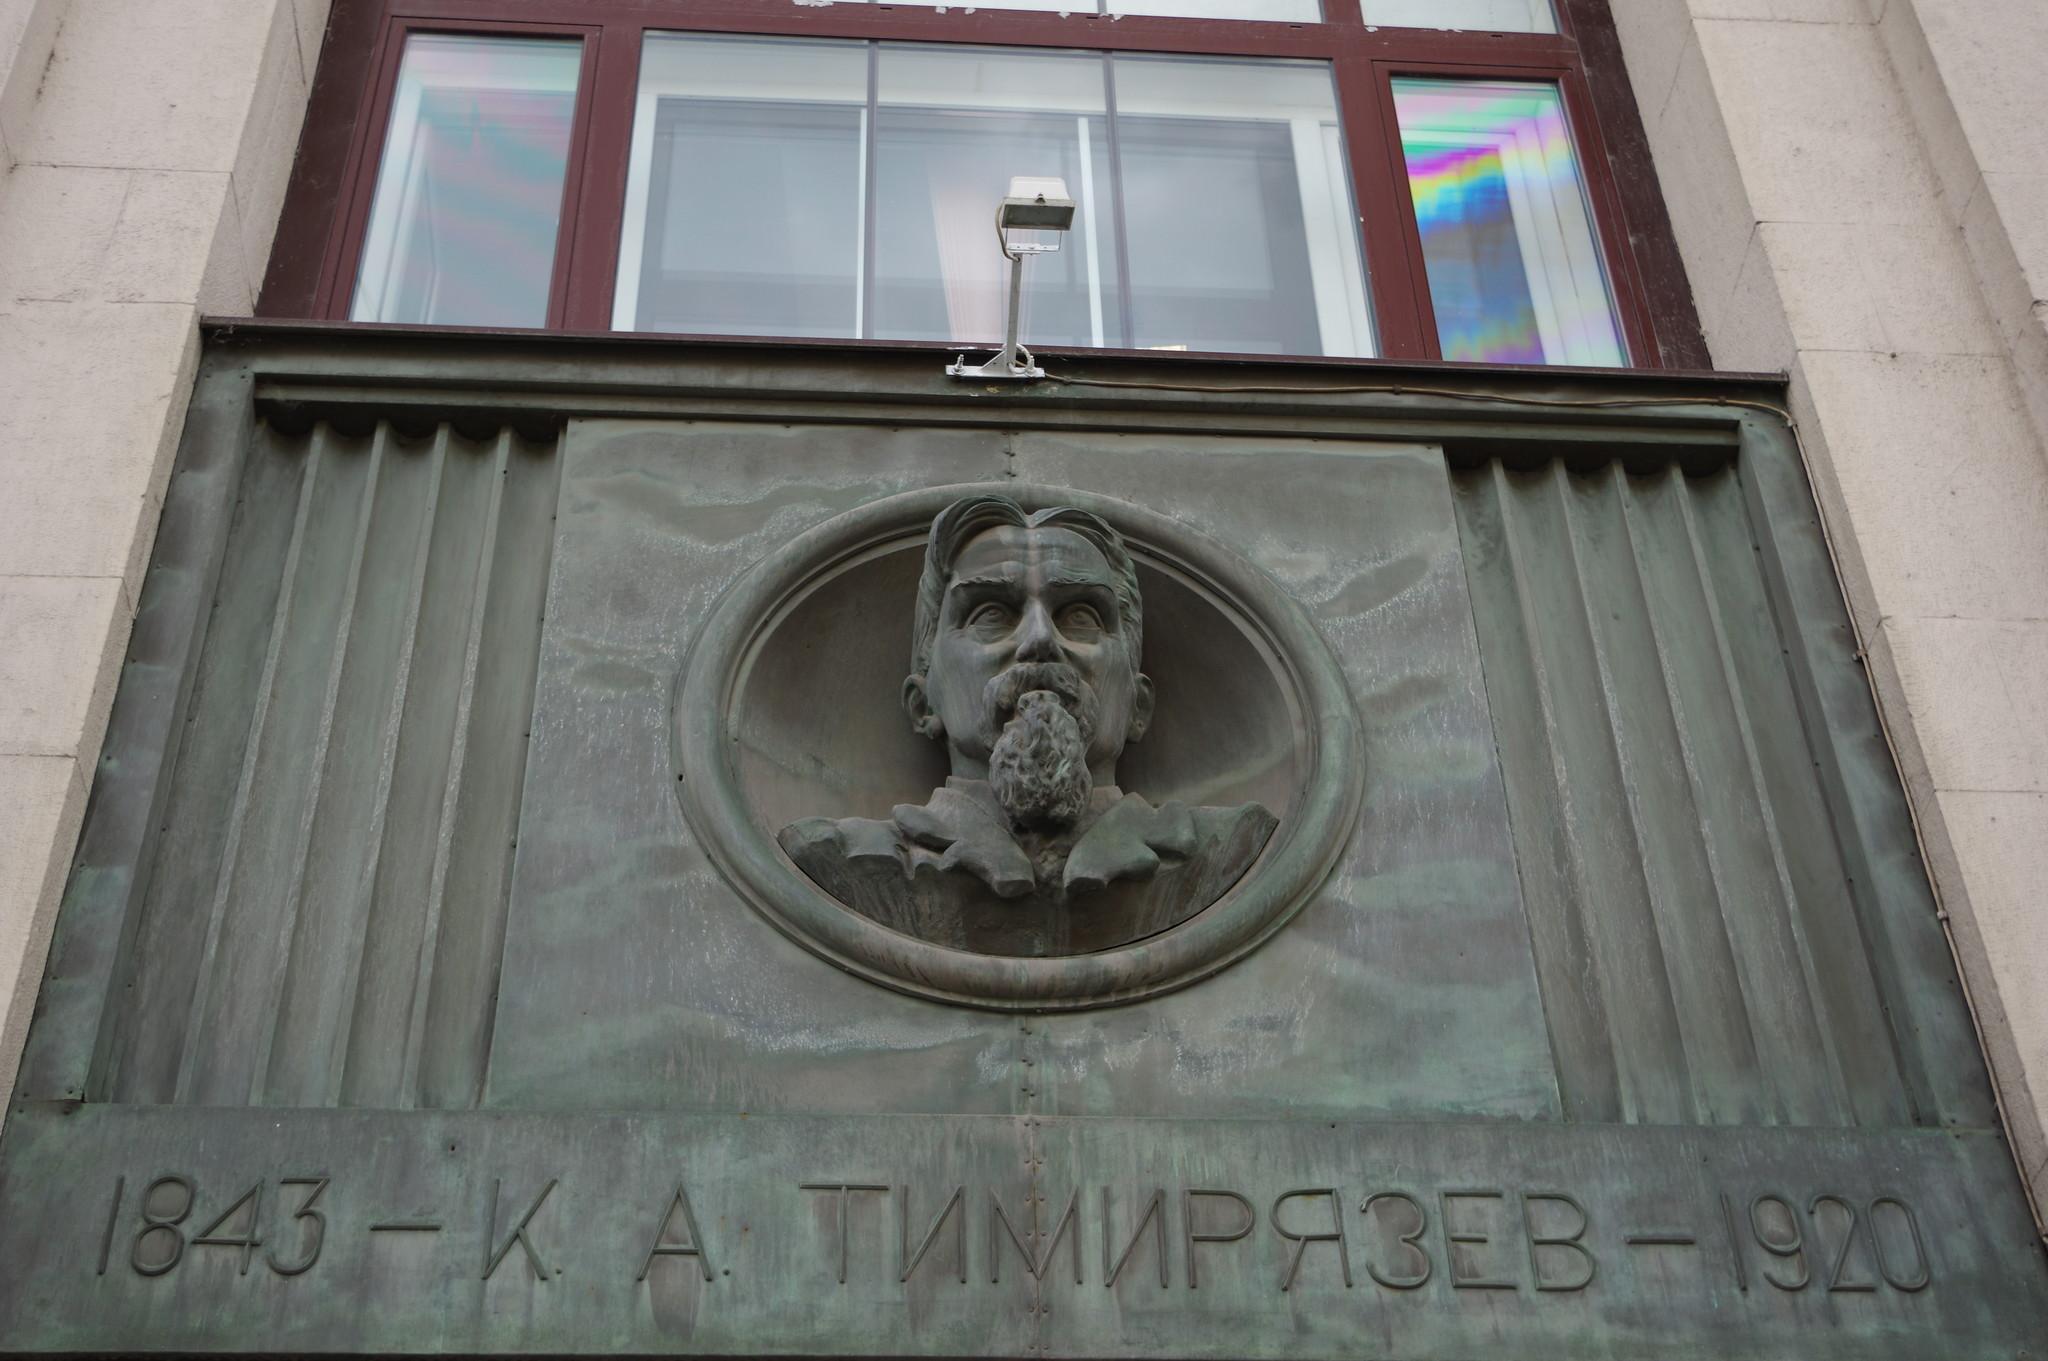 Бронзовый барельеф с изображением Климента Аркадьевича Тимирязева расположенный между пилонами фасада Российской государственной библиотеки